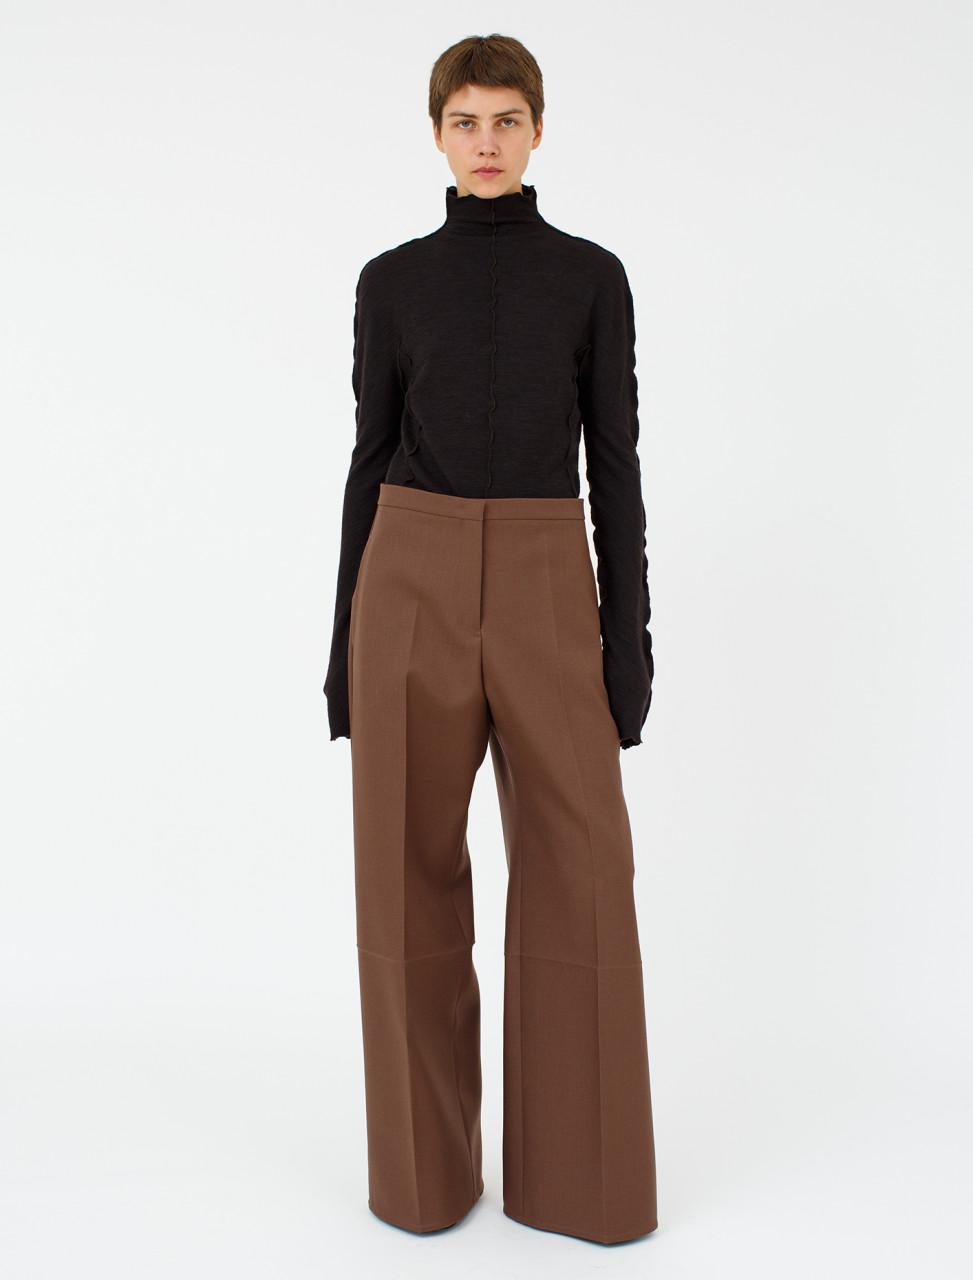 Wool Trouser in Medium Brown